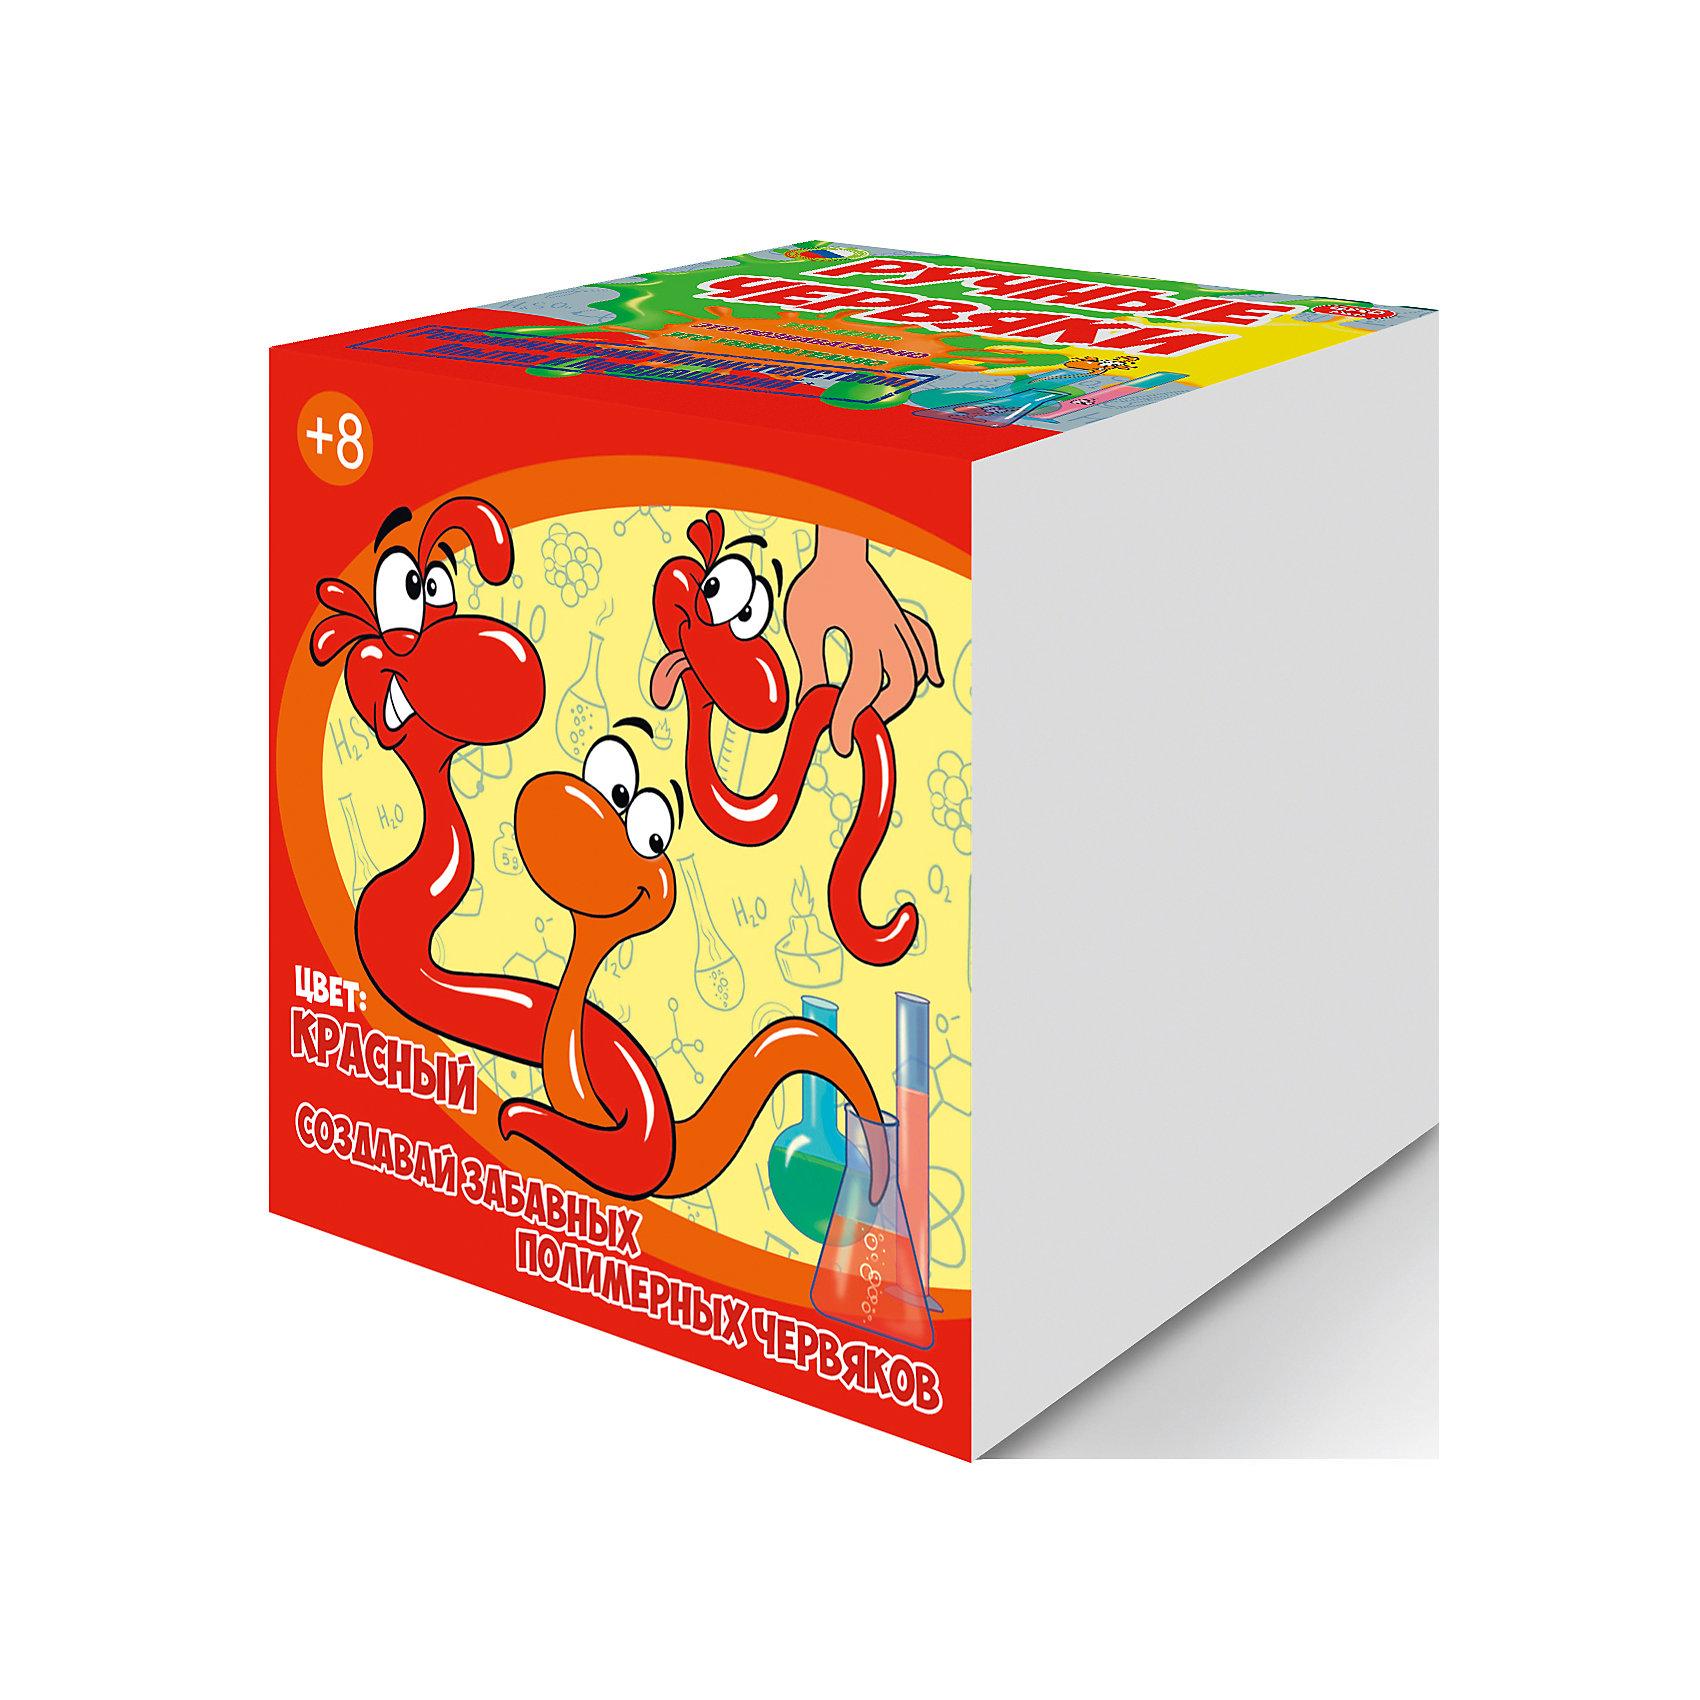 Набор для опытов Цветные полимерные червяки, цвет красный, GOOD FUNЭксперименты и опыты<br>Скучная химия? Не, не слышали. С наборами Good Fun вы сможете «нахимичить» не какой-то мифический раствор, а настоящих лизунов.<br><br>Взрослые наверняка помнят эту мерзкую прекрасную игрушку из постсоветского детства. Хит 90-х пах бензином и собирал на себя всю пыль вселенной. Но главное, он прилипал к стенам и медленно скатывался, оставляя жирные следы.<br><br>Разочаруем вас, шедевр китайского химпрома — совсем не лизун.<br><br>Классический лизун во всем мире известен как слайм (англ. Slime). И он не шарик, а баночка с прикольной вязкой слизью, обладающей свойствами неньютоновской жидкости. О как! Если слайм оставить в покое, он начинает растекаться по поверхности, но потом легко собирается рукой.<br><br>Игрушка впервые выпущена компанией Mattel в 1976 году. По легенде, слайм изобрела 11-летняя девочка, дочь хозяина завода, которая случайно смешала имеющиеся на заводе ингредиенты. Вот так взяла и случайно смешала, с кем не бывает.<br><br>Бурная популярность пришла к слайму после выхода на экраны «Охотников за привидениями». В чудаковатом зеленом призраке из фильма зрители увидели знакомую игрушку.<br><br>Теперь легендарного лизуна можно сотворить своими рукам. Набор Good Fun содержит все необходимое для приготовления трех больших лизунов. Затем их можно соединить в один гигантский весом около 400 граммов! <br><br>В комплекте<br><br>    Поливиниловый спирт (порошок)<br>    Тетраборат натрия (порошок)<br>    Глицерин<br>    Краситель<br>    Пластиковый мерный стаканчик<br>    Пластиковый цветной стаканчик<br>    Перчатки<br>    Мерная ложечка<br>    Палочка для размешивания<br><br>Дополнительно потребуется стеклянная банка объемом не менее 0,5 л.<br><br>Эти удивительные полимеры<br><br>Данный набор познакомит ребенка с самыми необычными веществами — полимерами. Их уникальные свойства обусловлены строением молекул, соединенных в длинные цепочки (макромолекулы).<br><br>Когда вы 